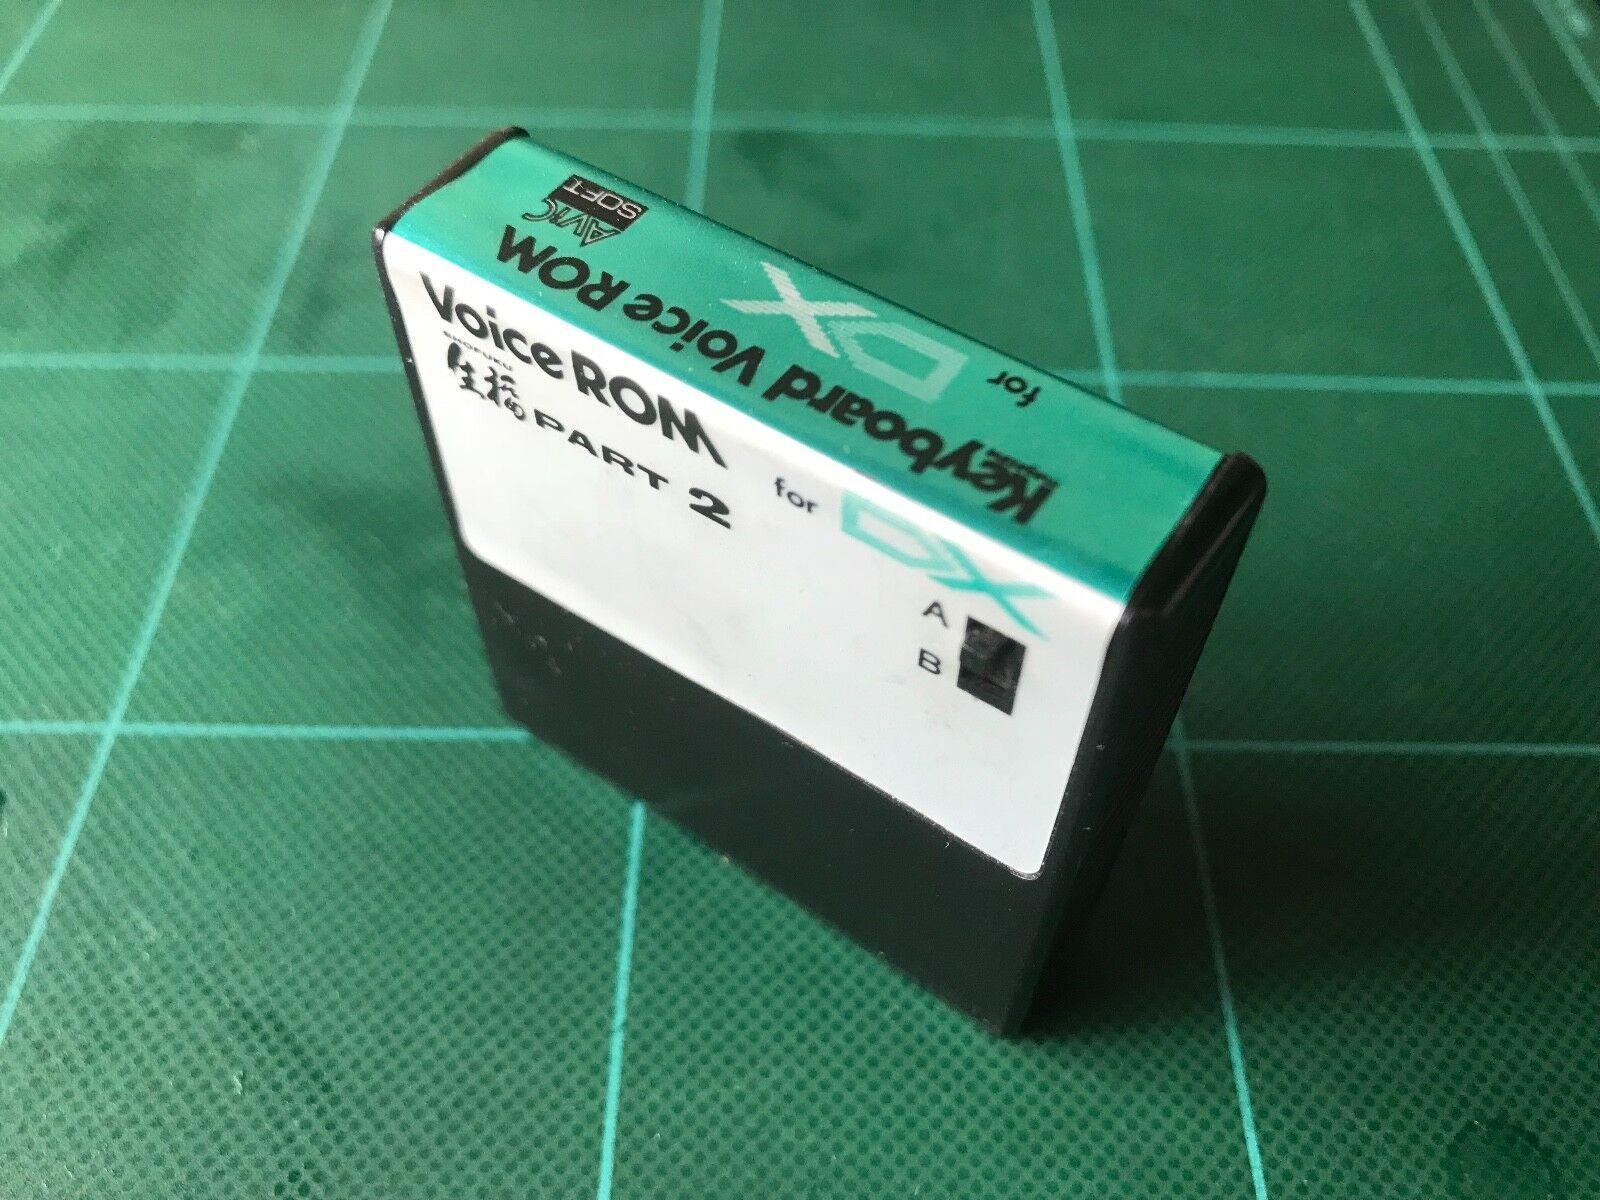 YAMAHA DX7 VOICE ROM SHOFUKU PART2 KV-02 free shipping